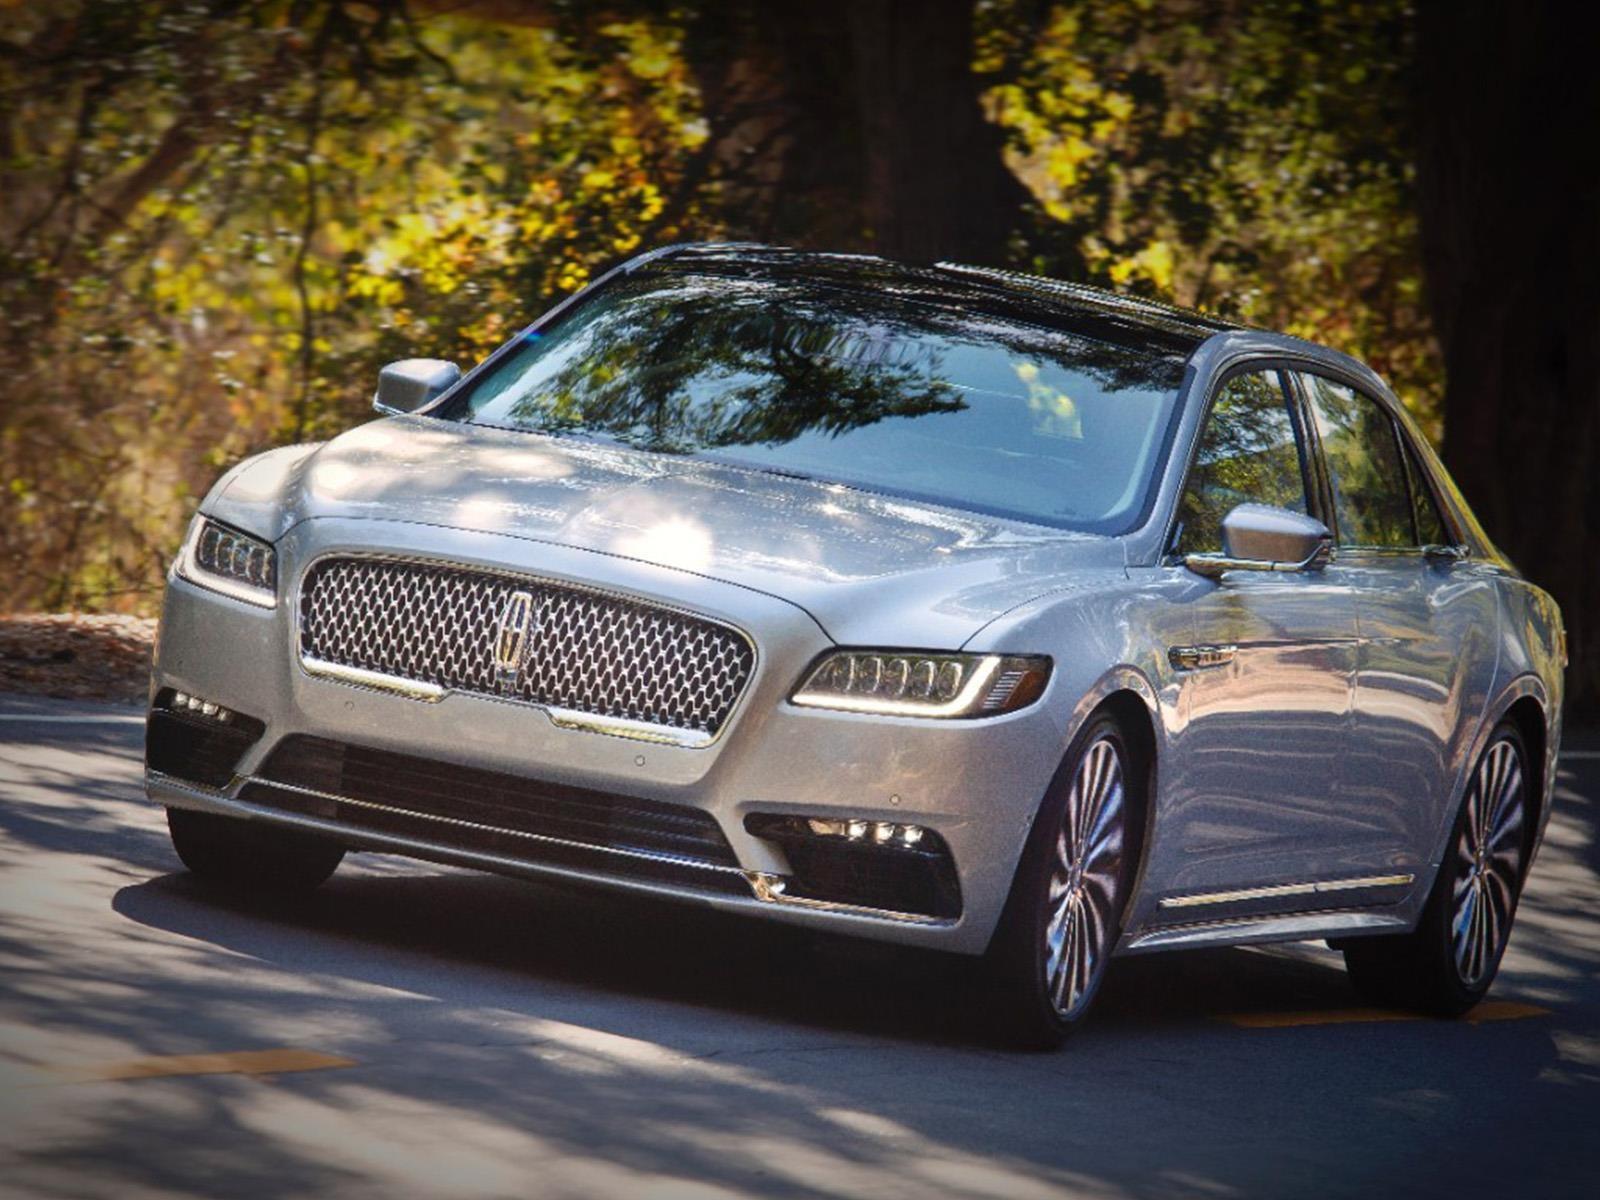 Gama de Lincoln tendrá versiones híbridas y eléctricas para 2022